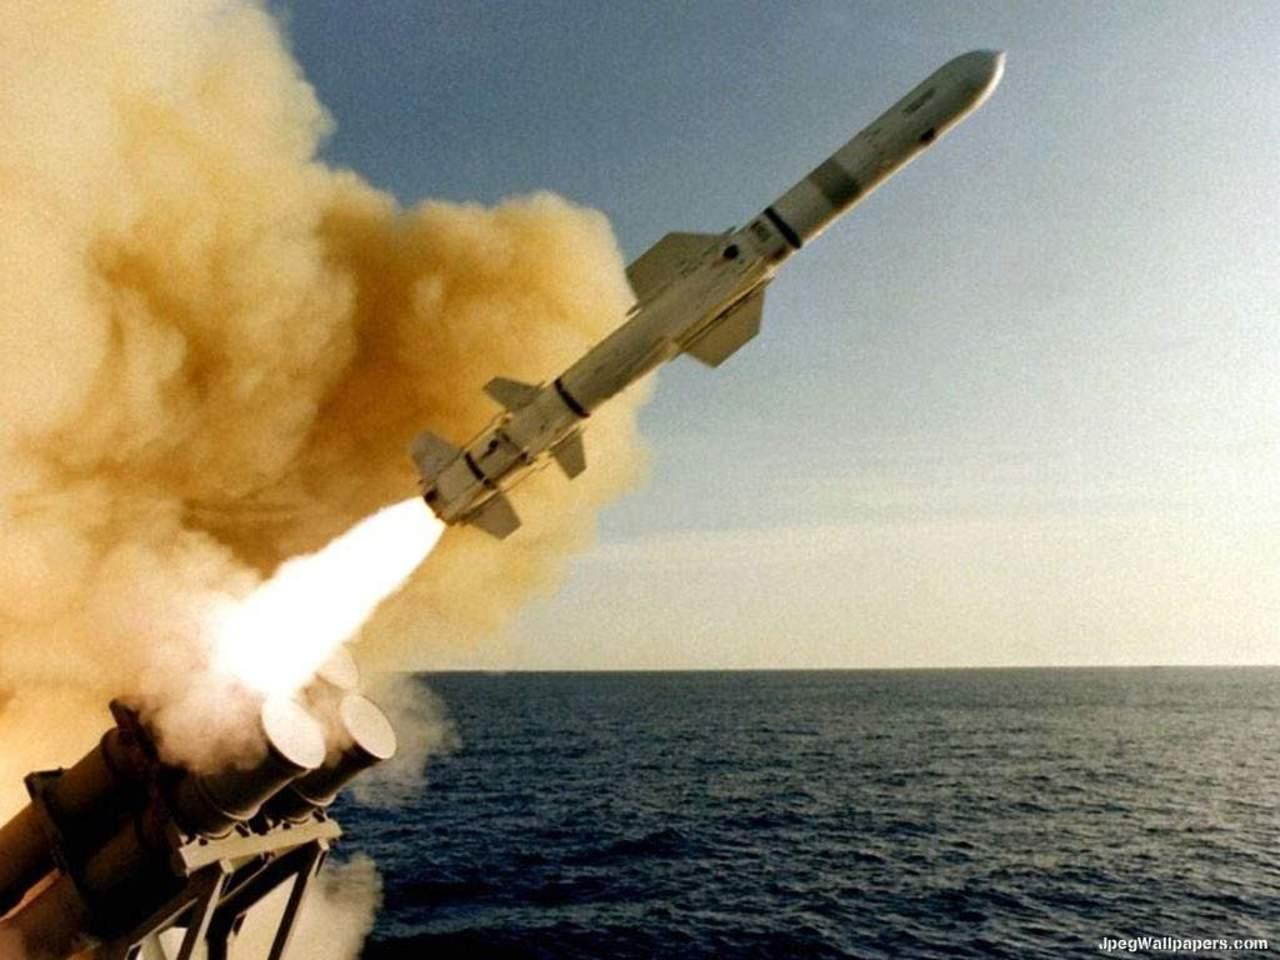 Cuales son los misiles Tomahawk usados contra Siria?